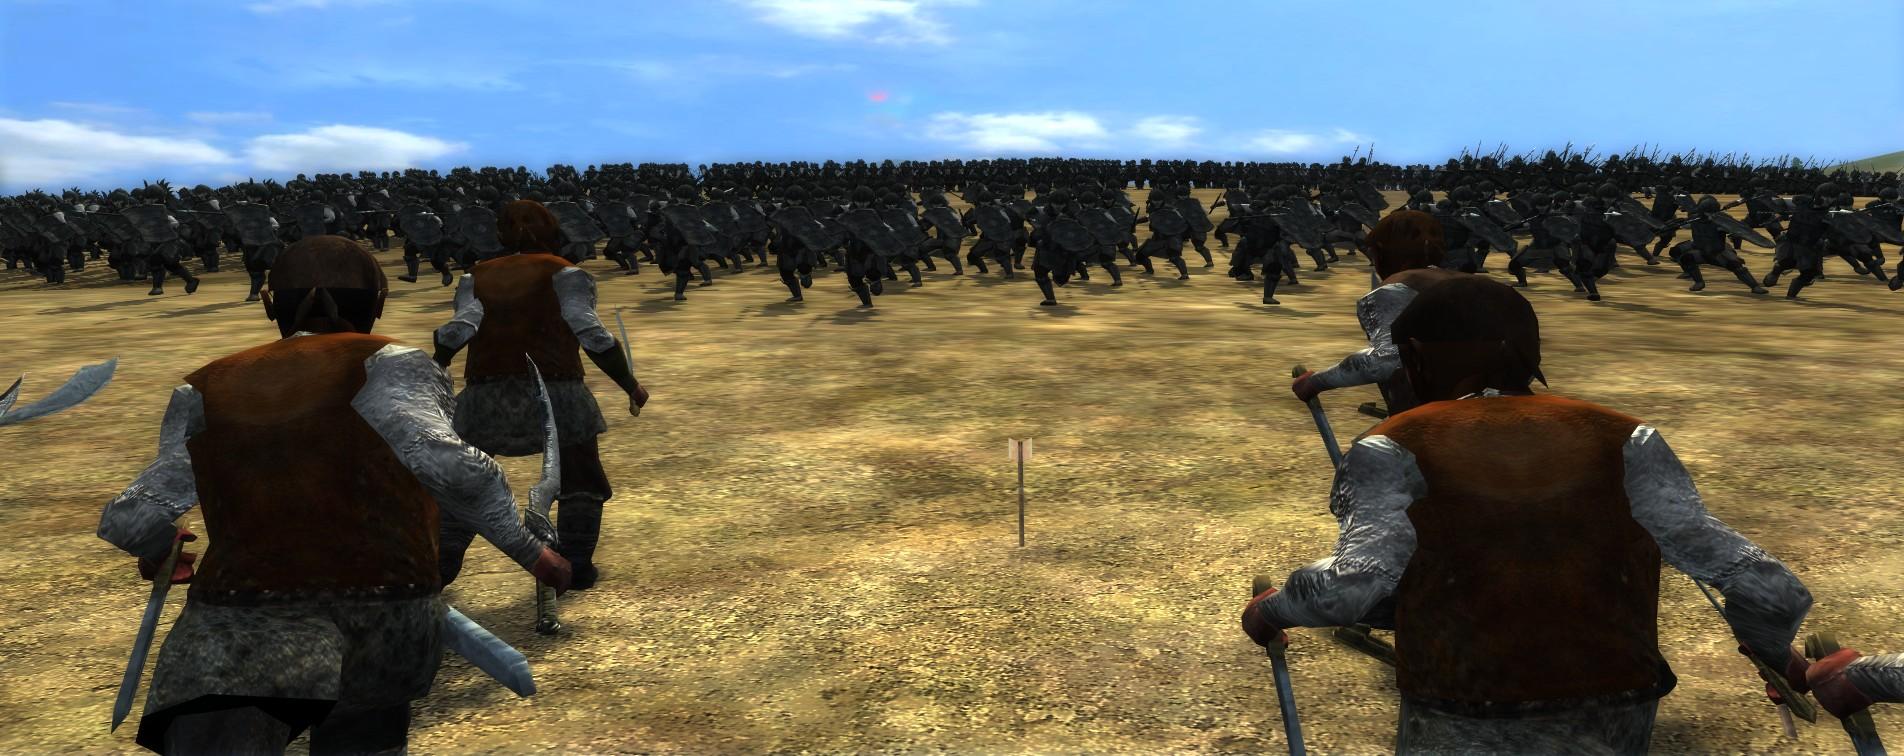 Battle of Mercenaries